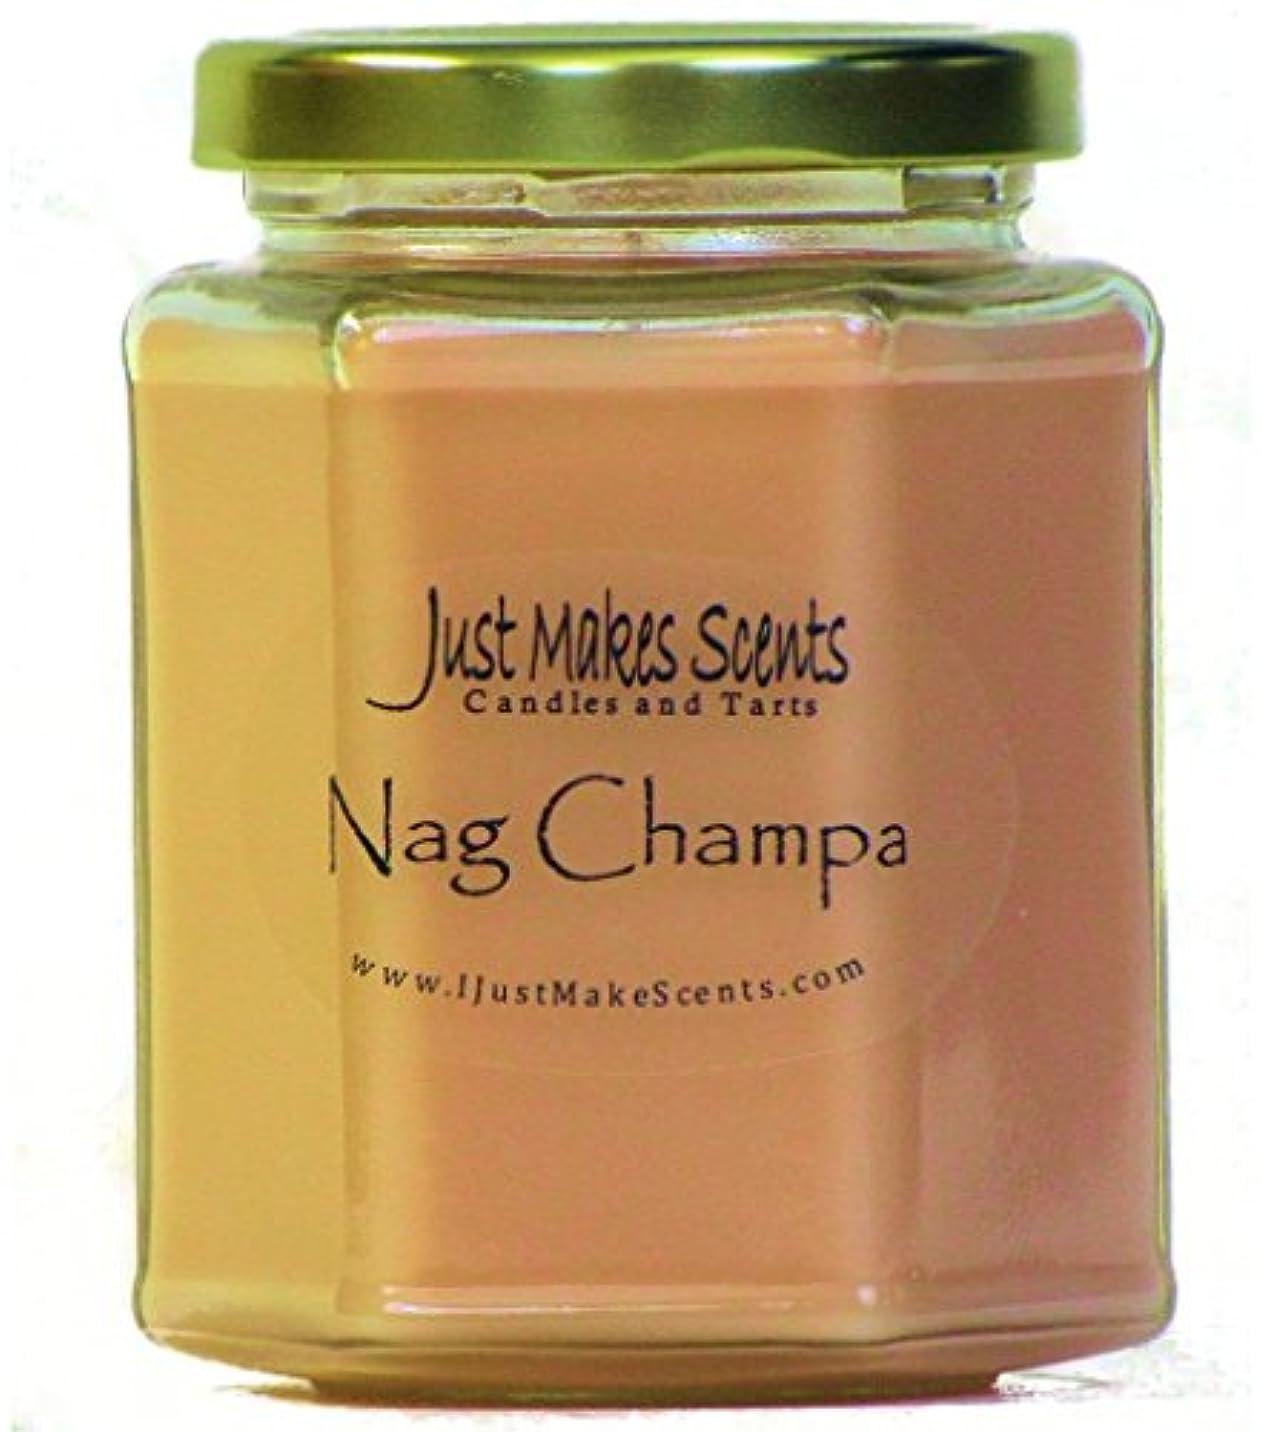 除去欠伸速記Nag Champa香りつきBlended Soy Candle by Just Makes Scents